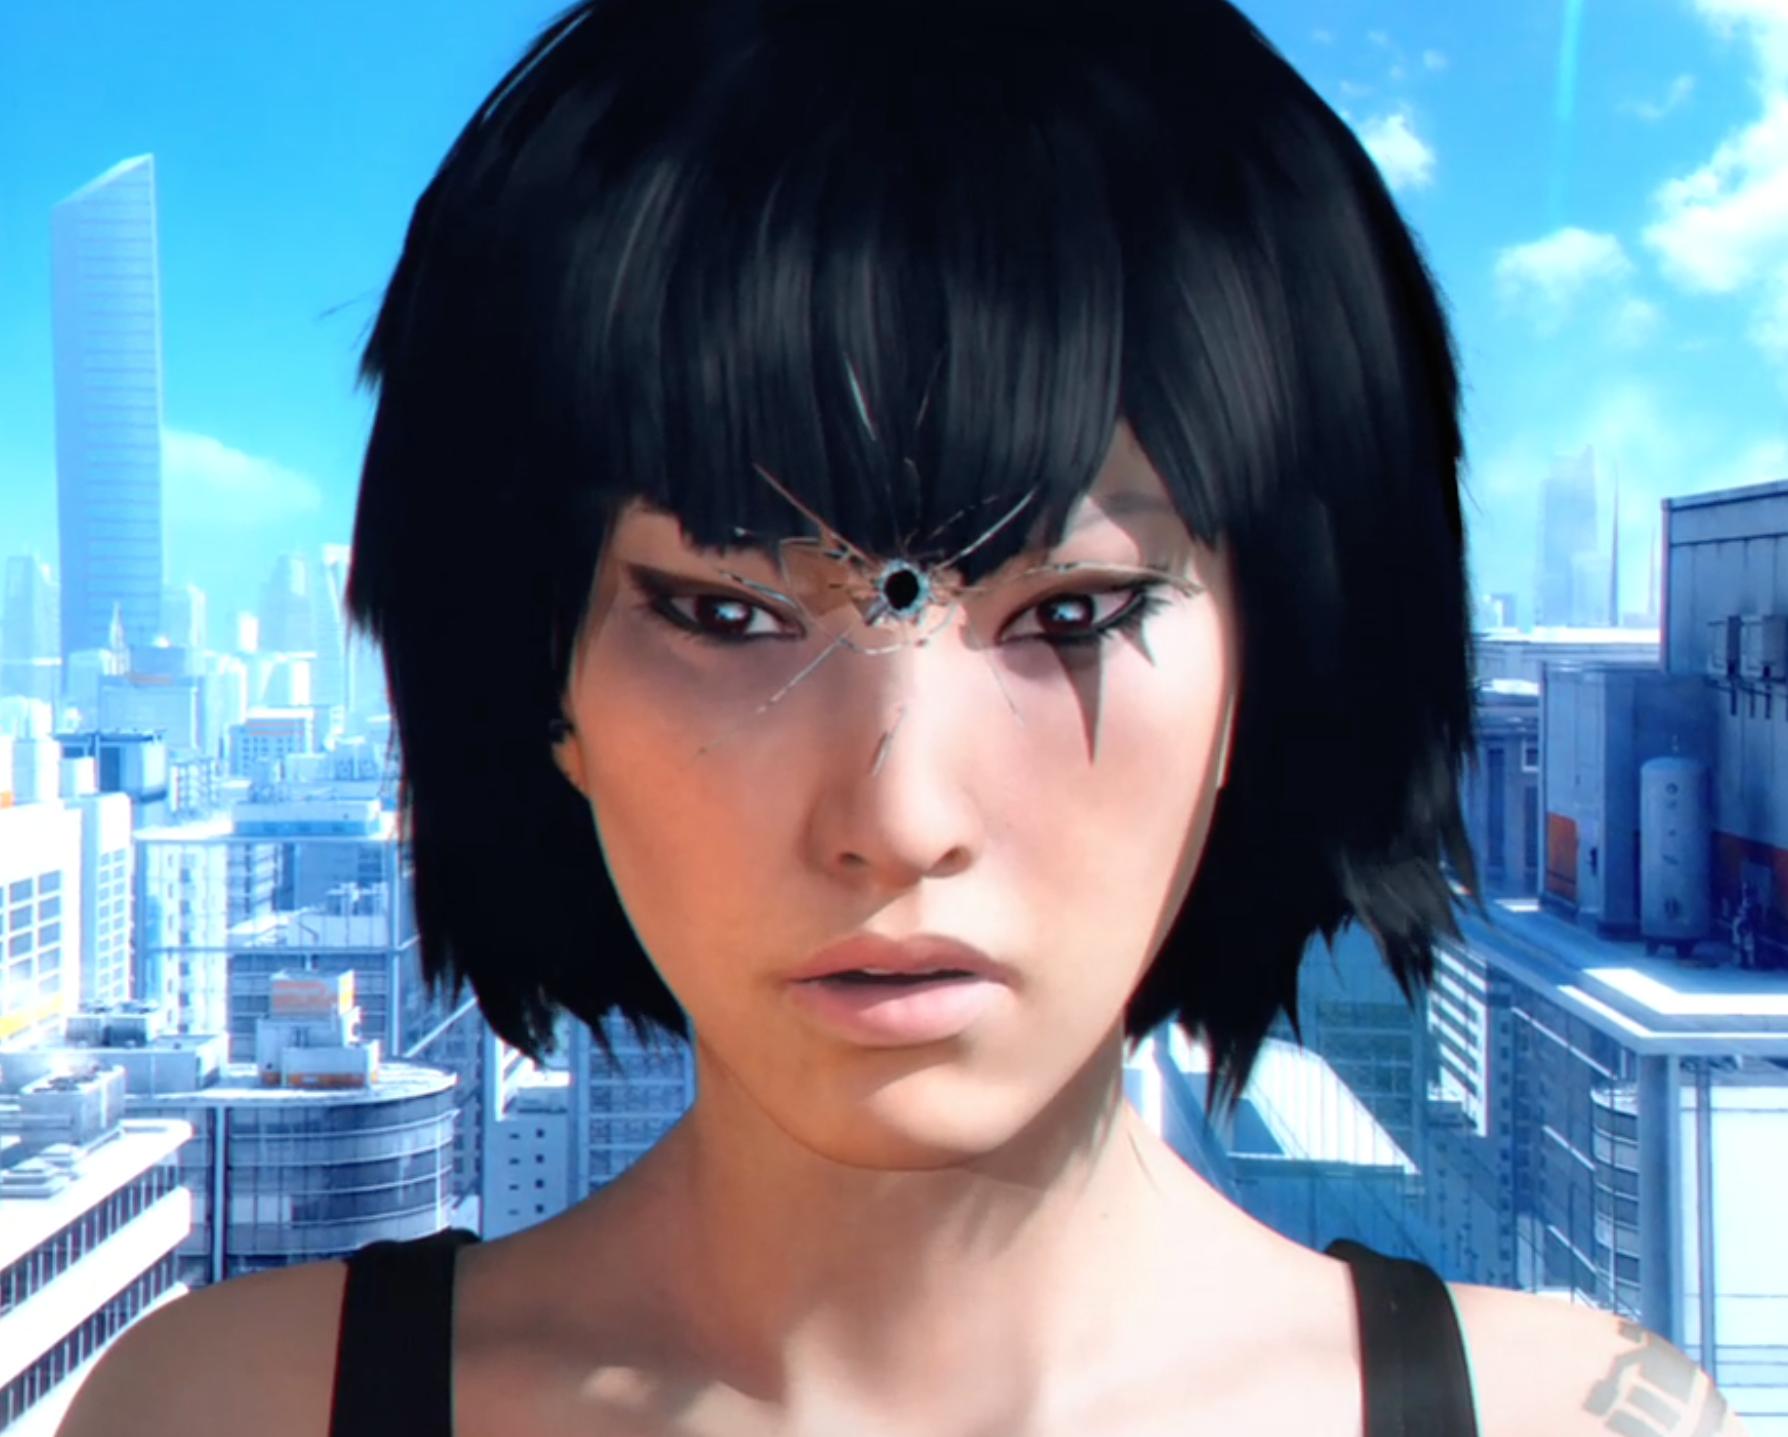 Electronic Arts. Mirror's Edge